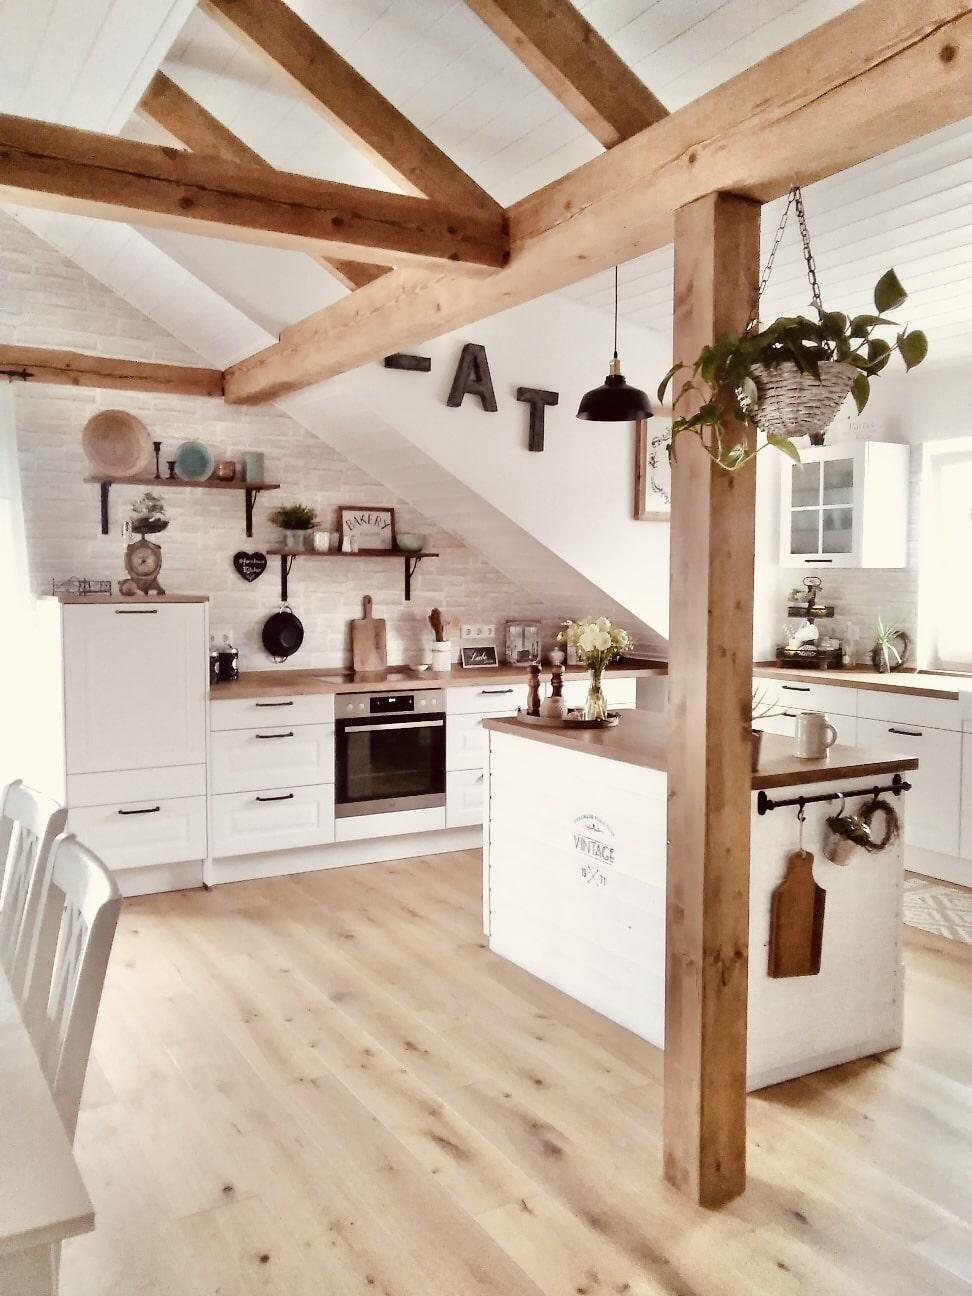 Homestory - Bei Lesern Zuhause - Homestory: Anschyla's Motto - Naturholz mit vielen weißen Elementen- so geht's einfach Desmondo dein online Magazin und Shop